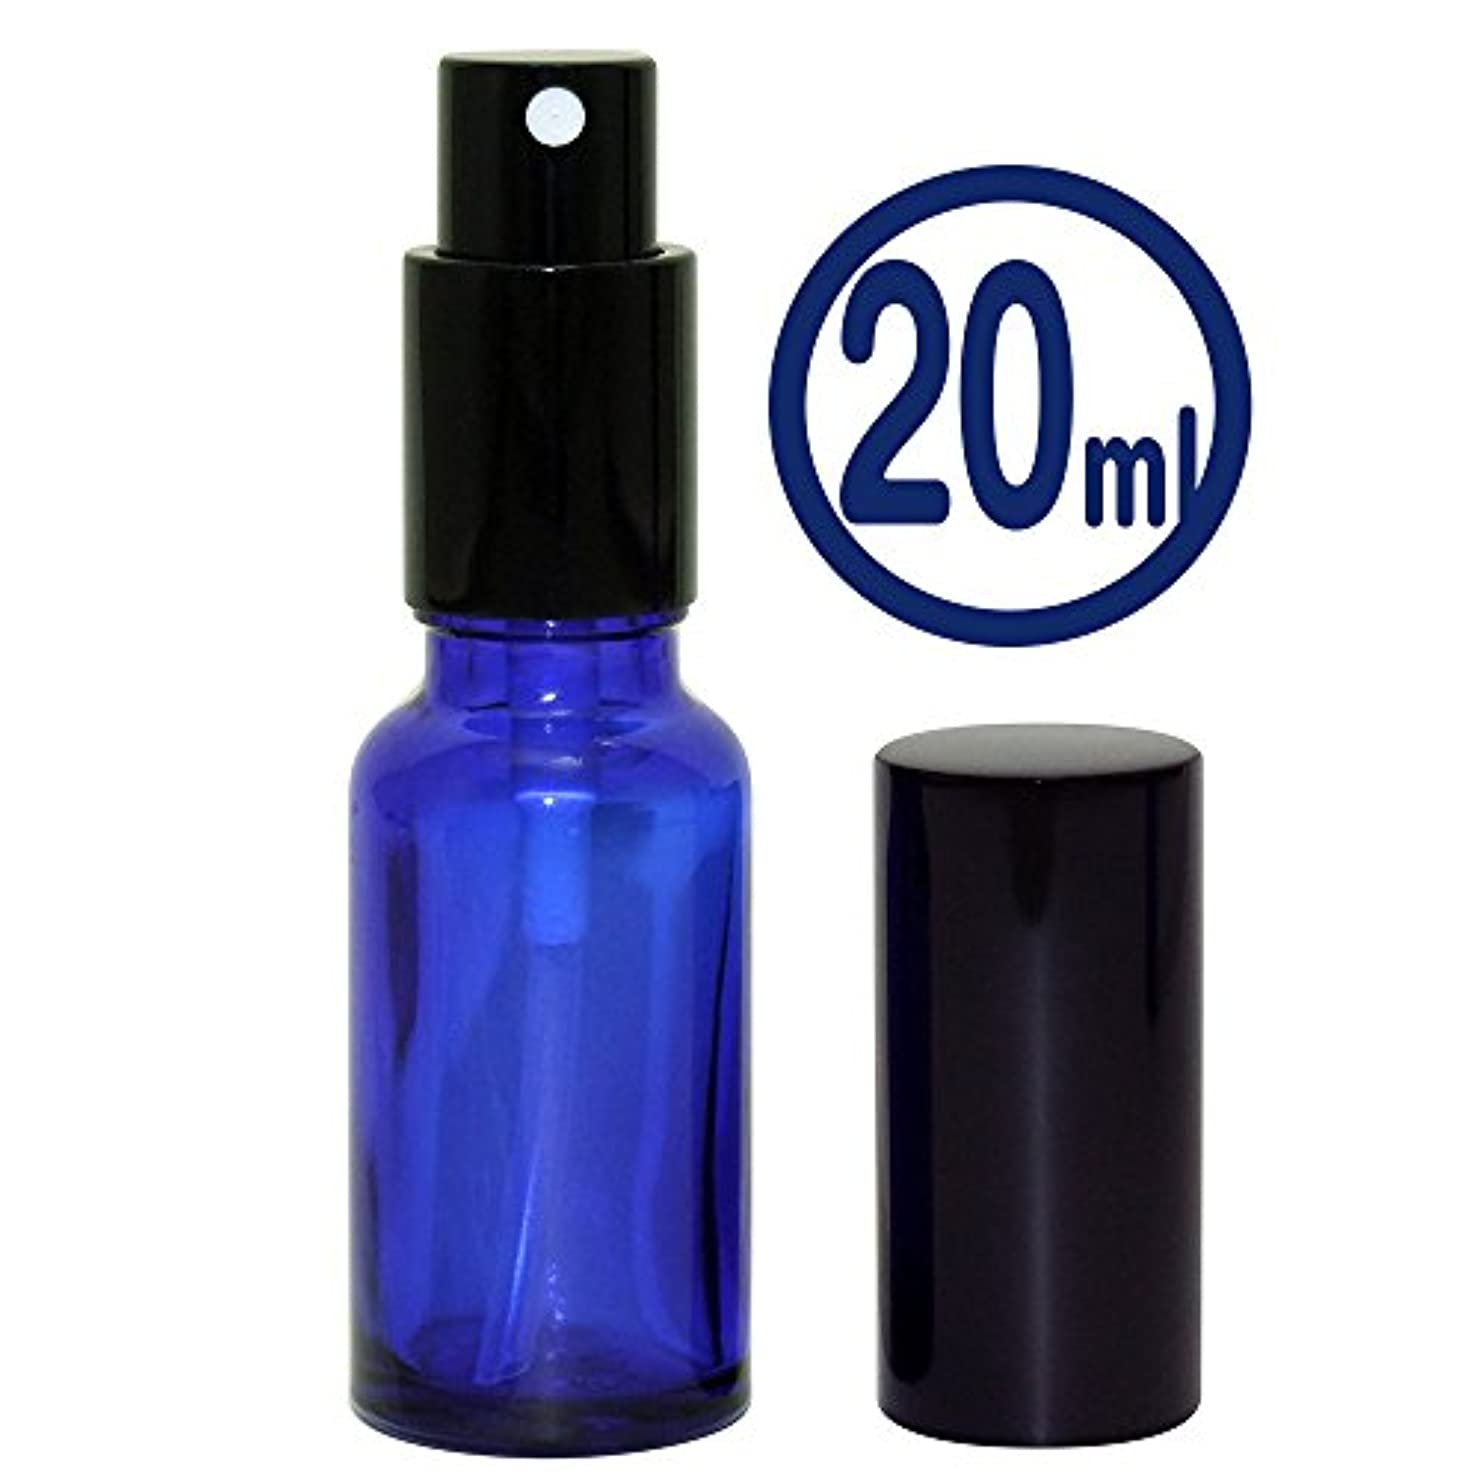 ガレージ?ゼロ 遮光ガラス瓶 スプレータイプ【青】 20ml/GZSQ12/スプレーボトル/アトマイザー/アロマ保存(青20ml)